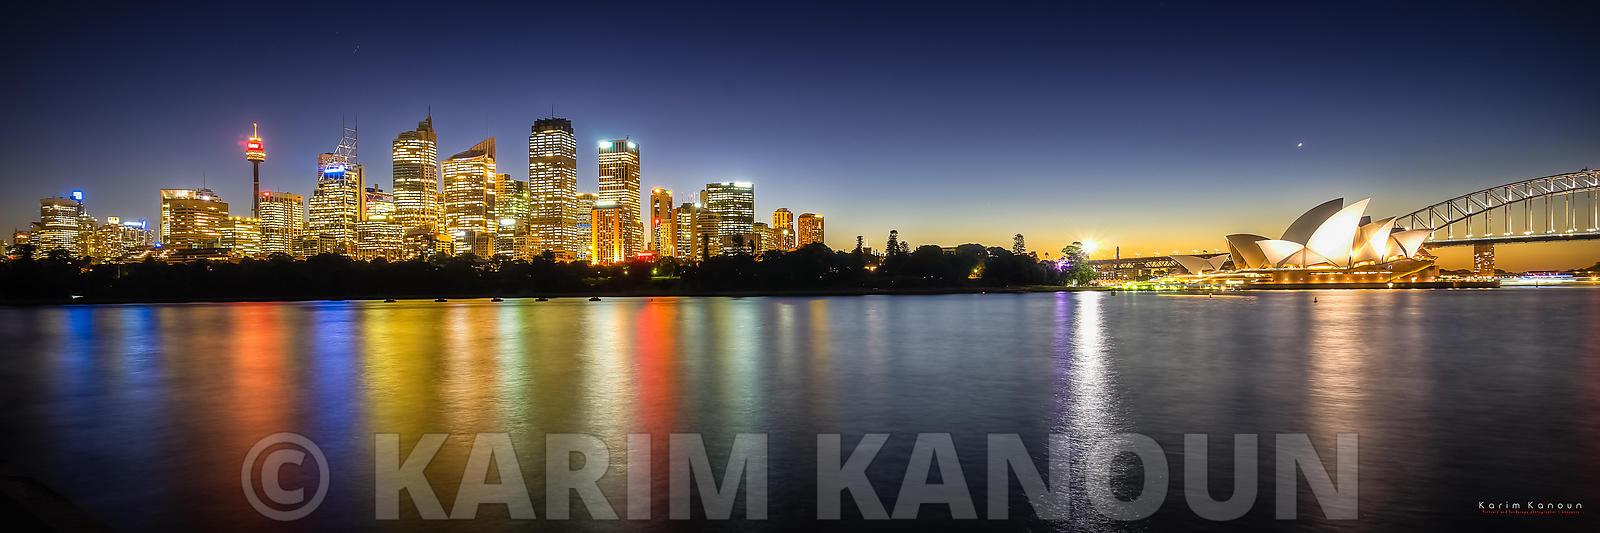 Panorama - Sydney skyline by night